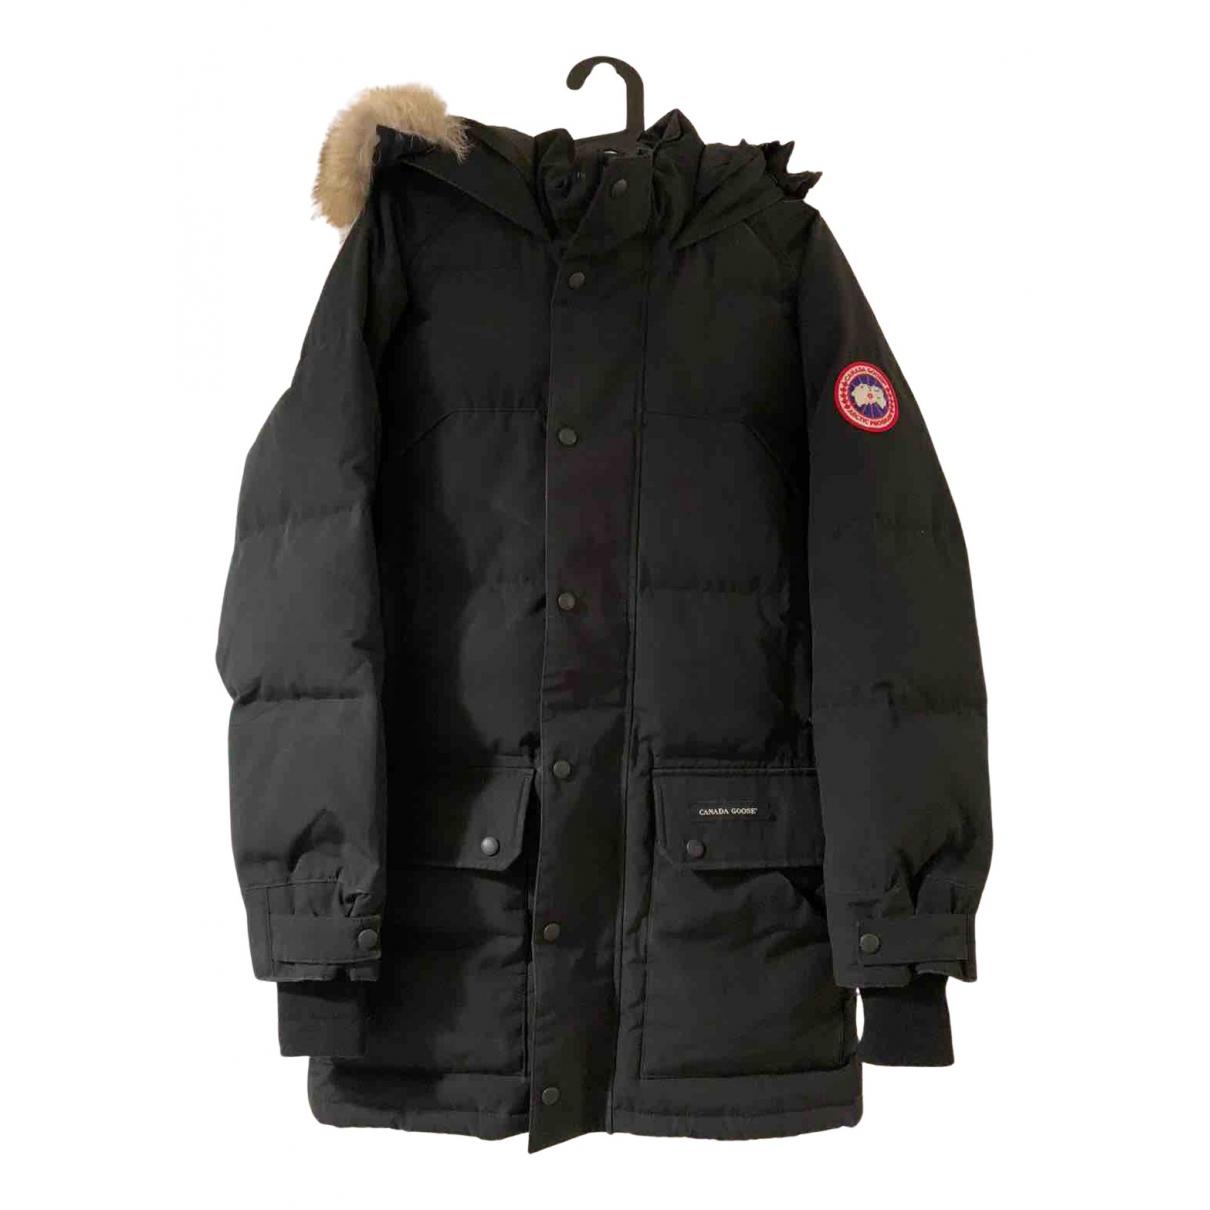 Canada Goose - Manteau   pour homme - noir